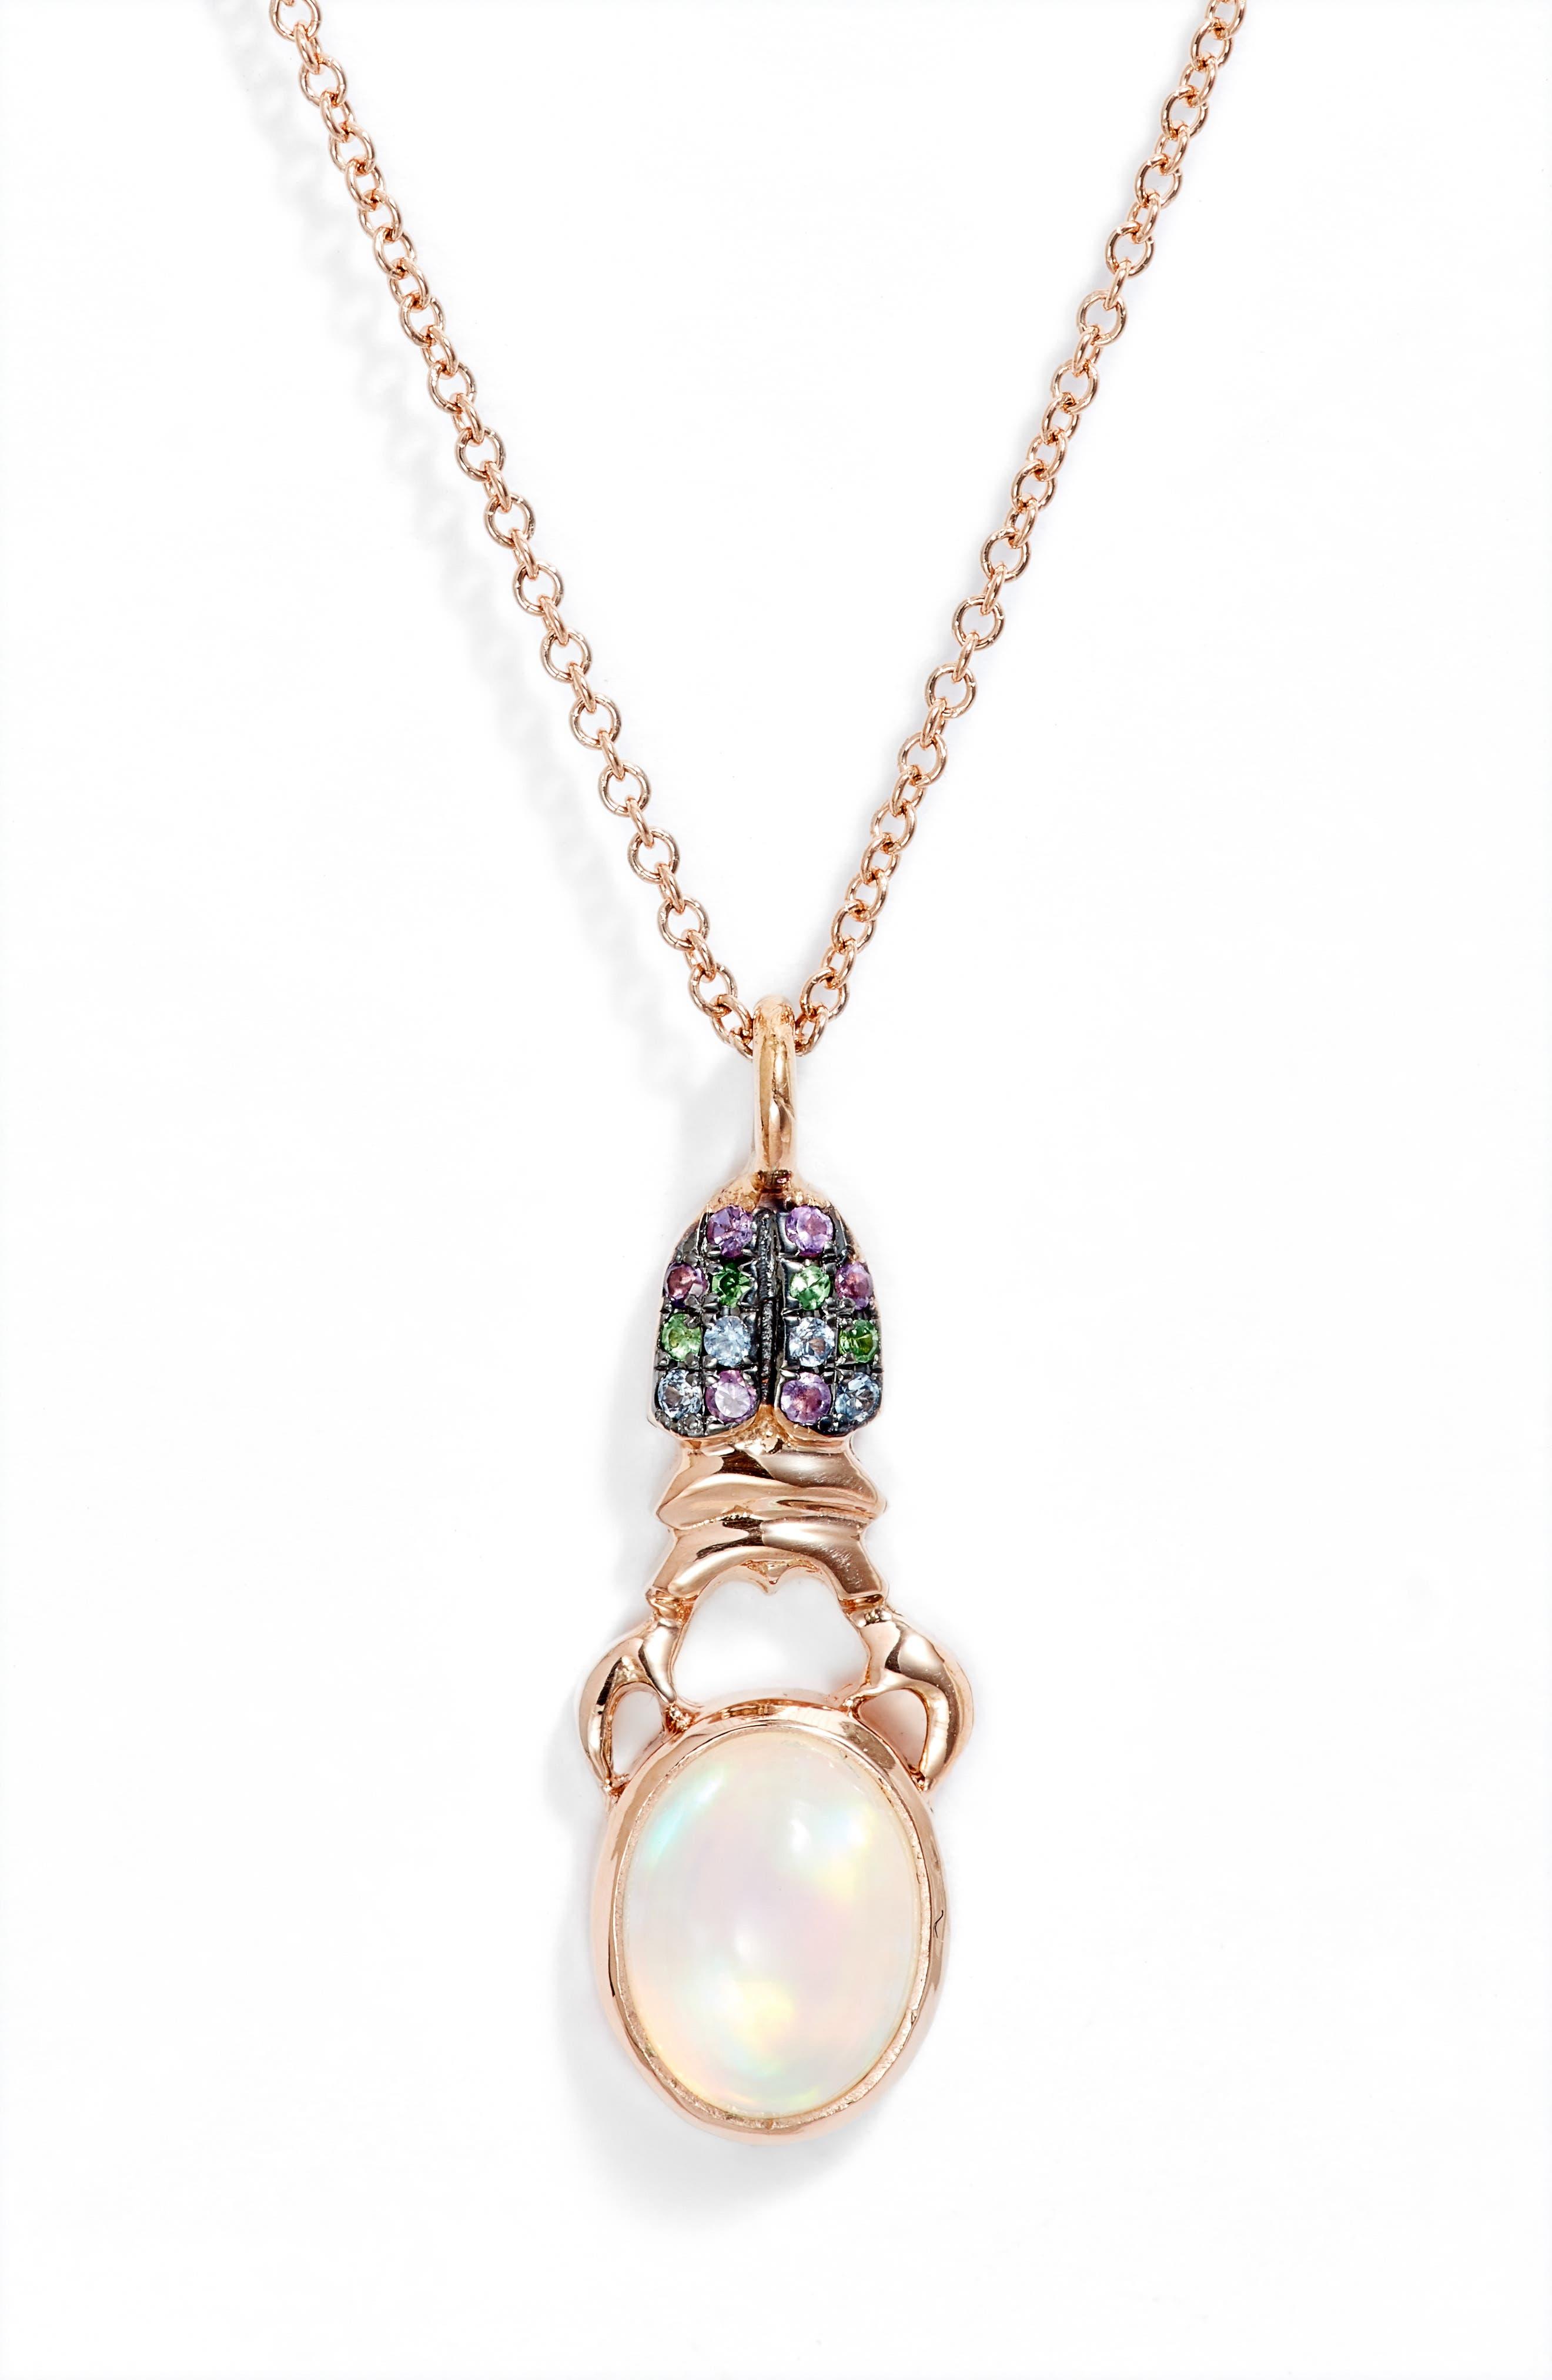 Khepri Pave & Opal Pendant Necklace